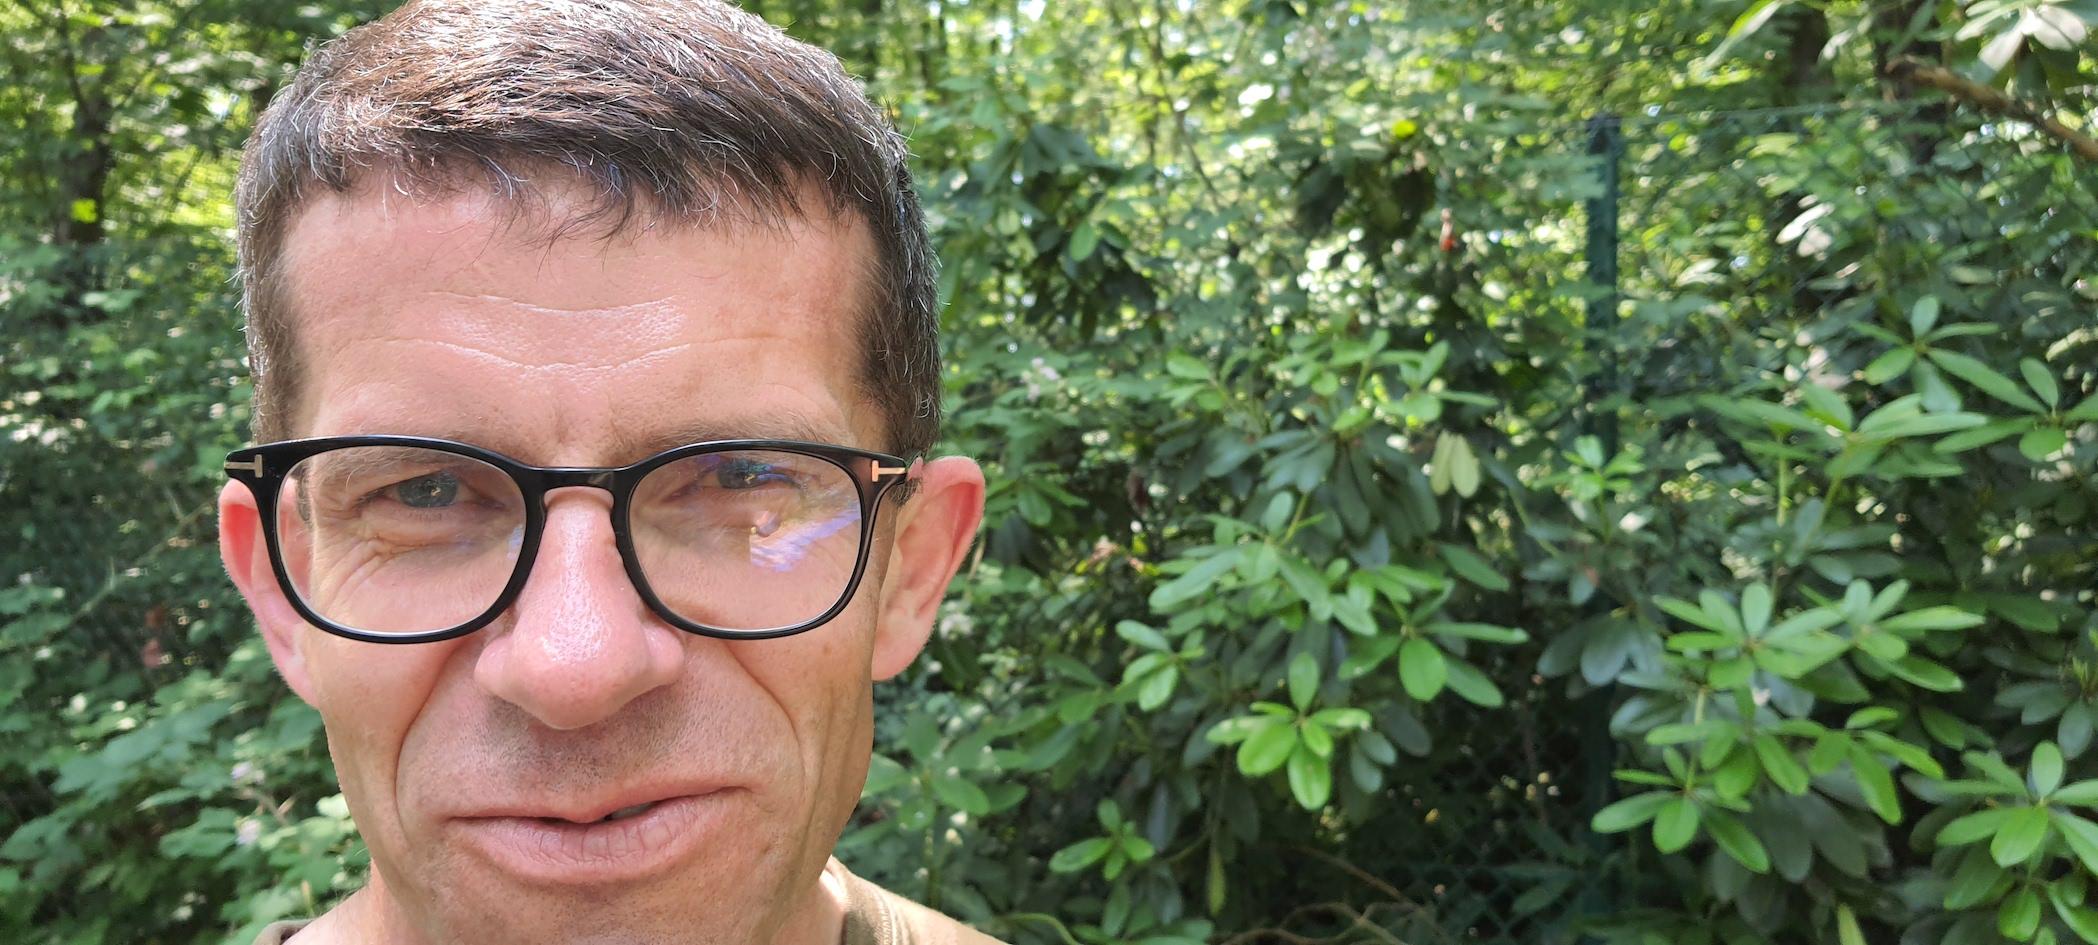 Metzlers Martin Thiesen, als Marathonläufer die Belastung gewohnt.